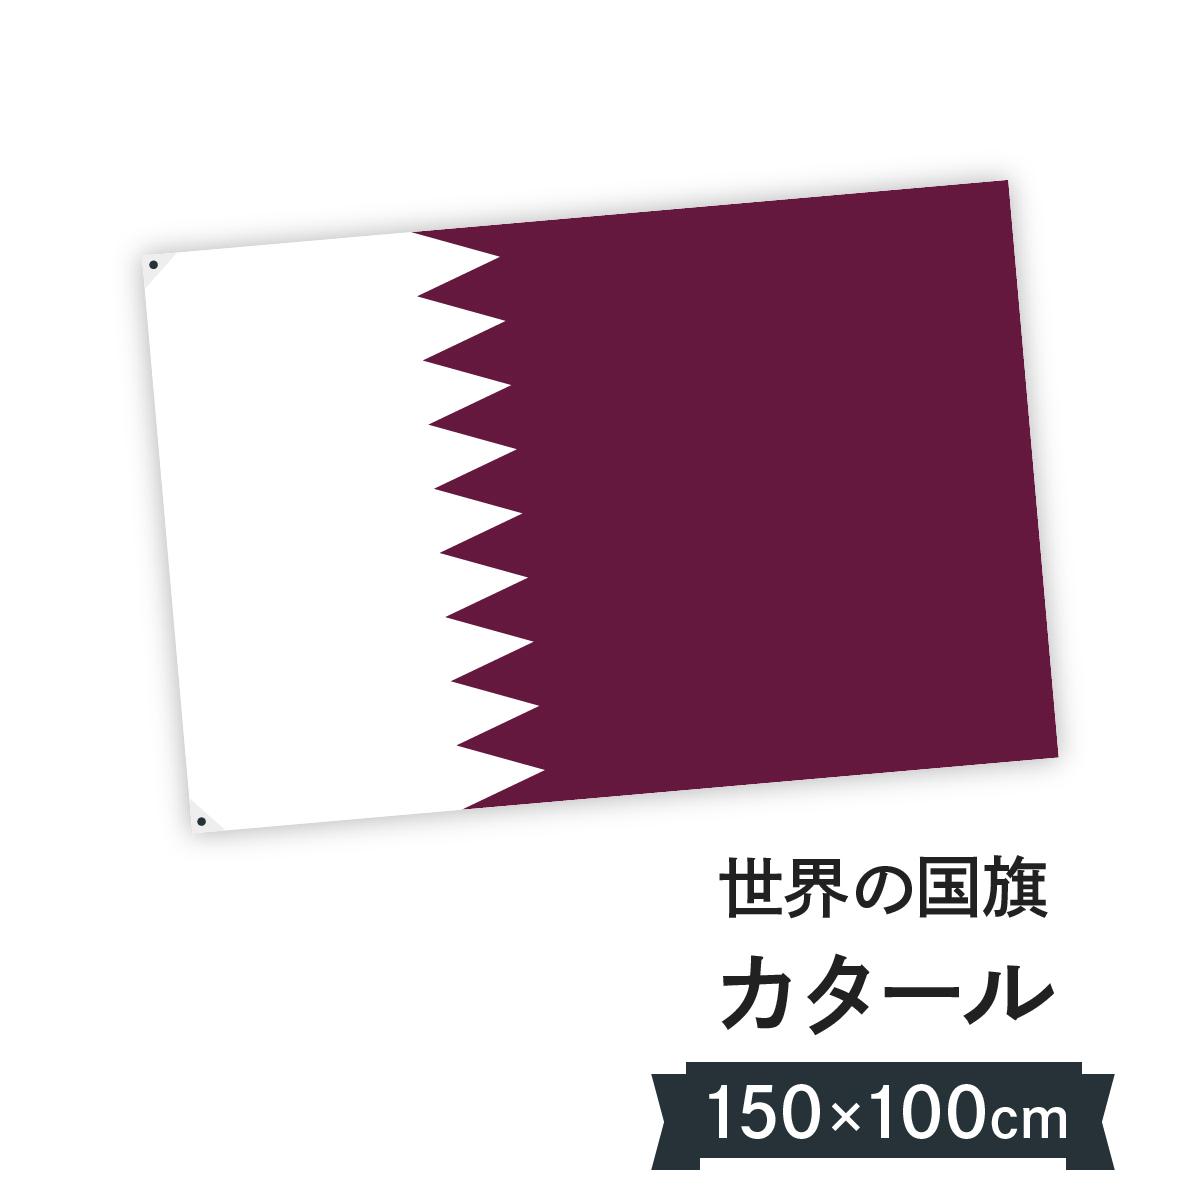 カタール国 国旗 W150cm H100cm